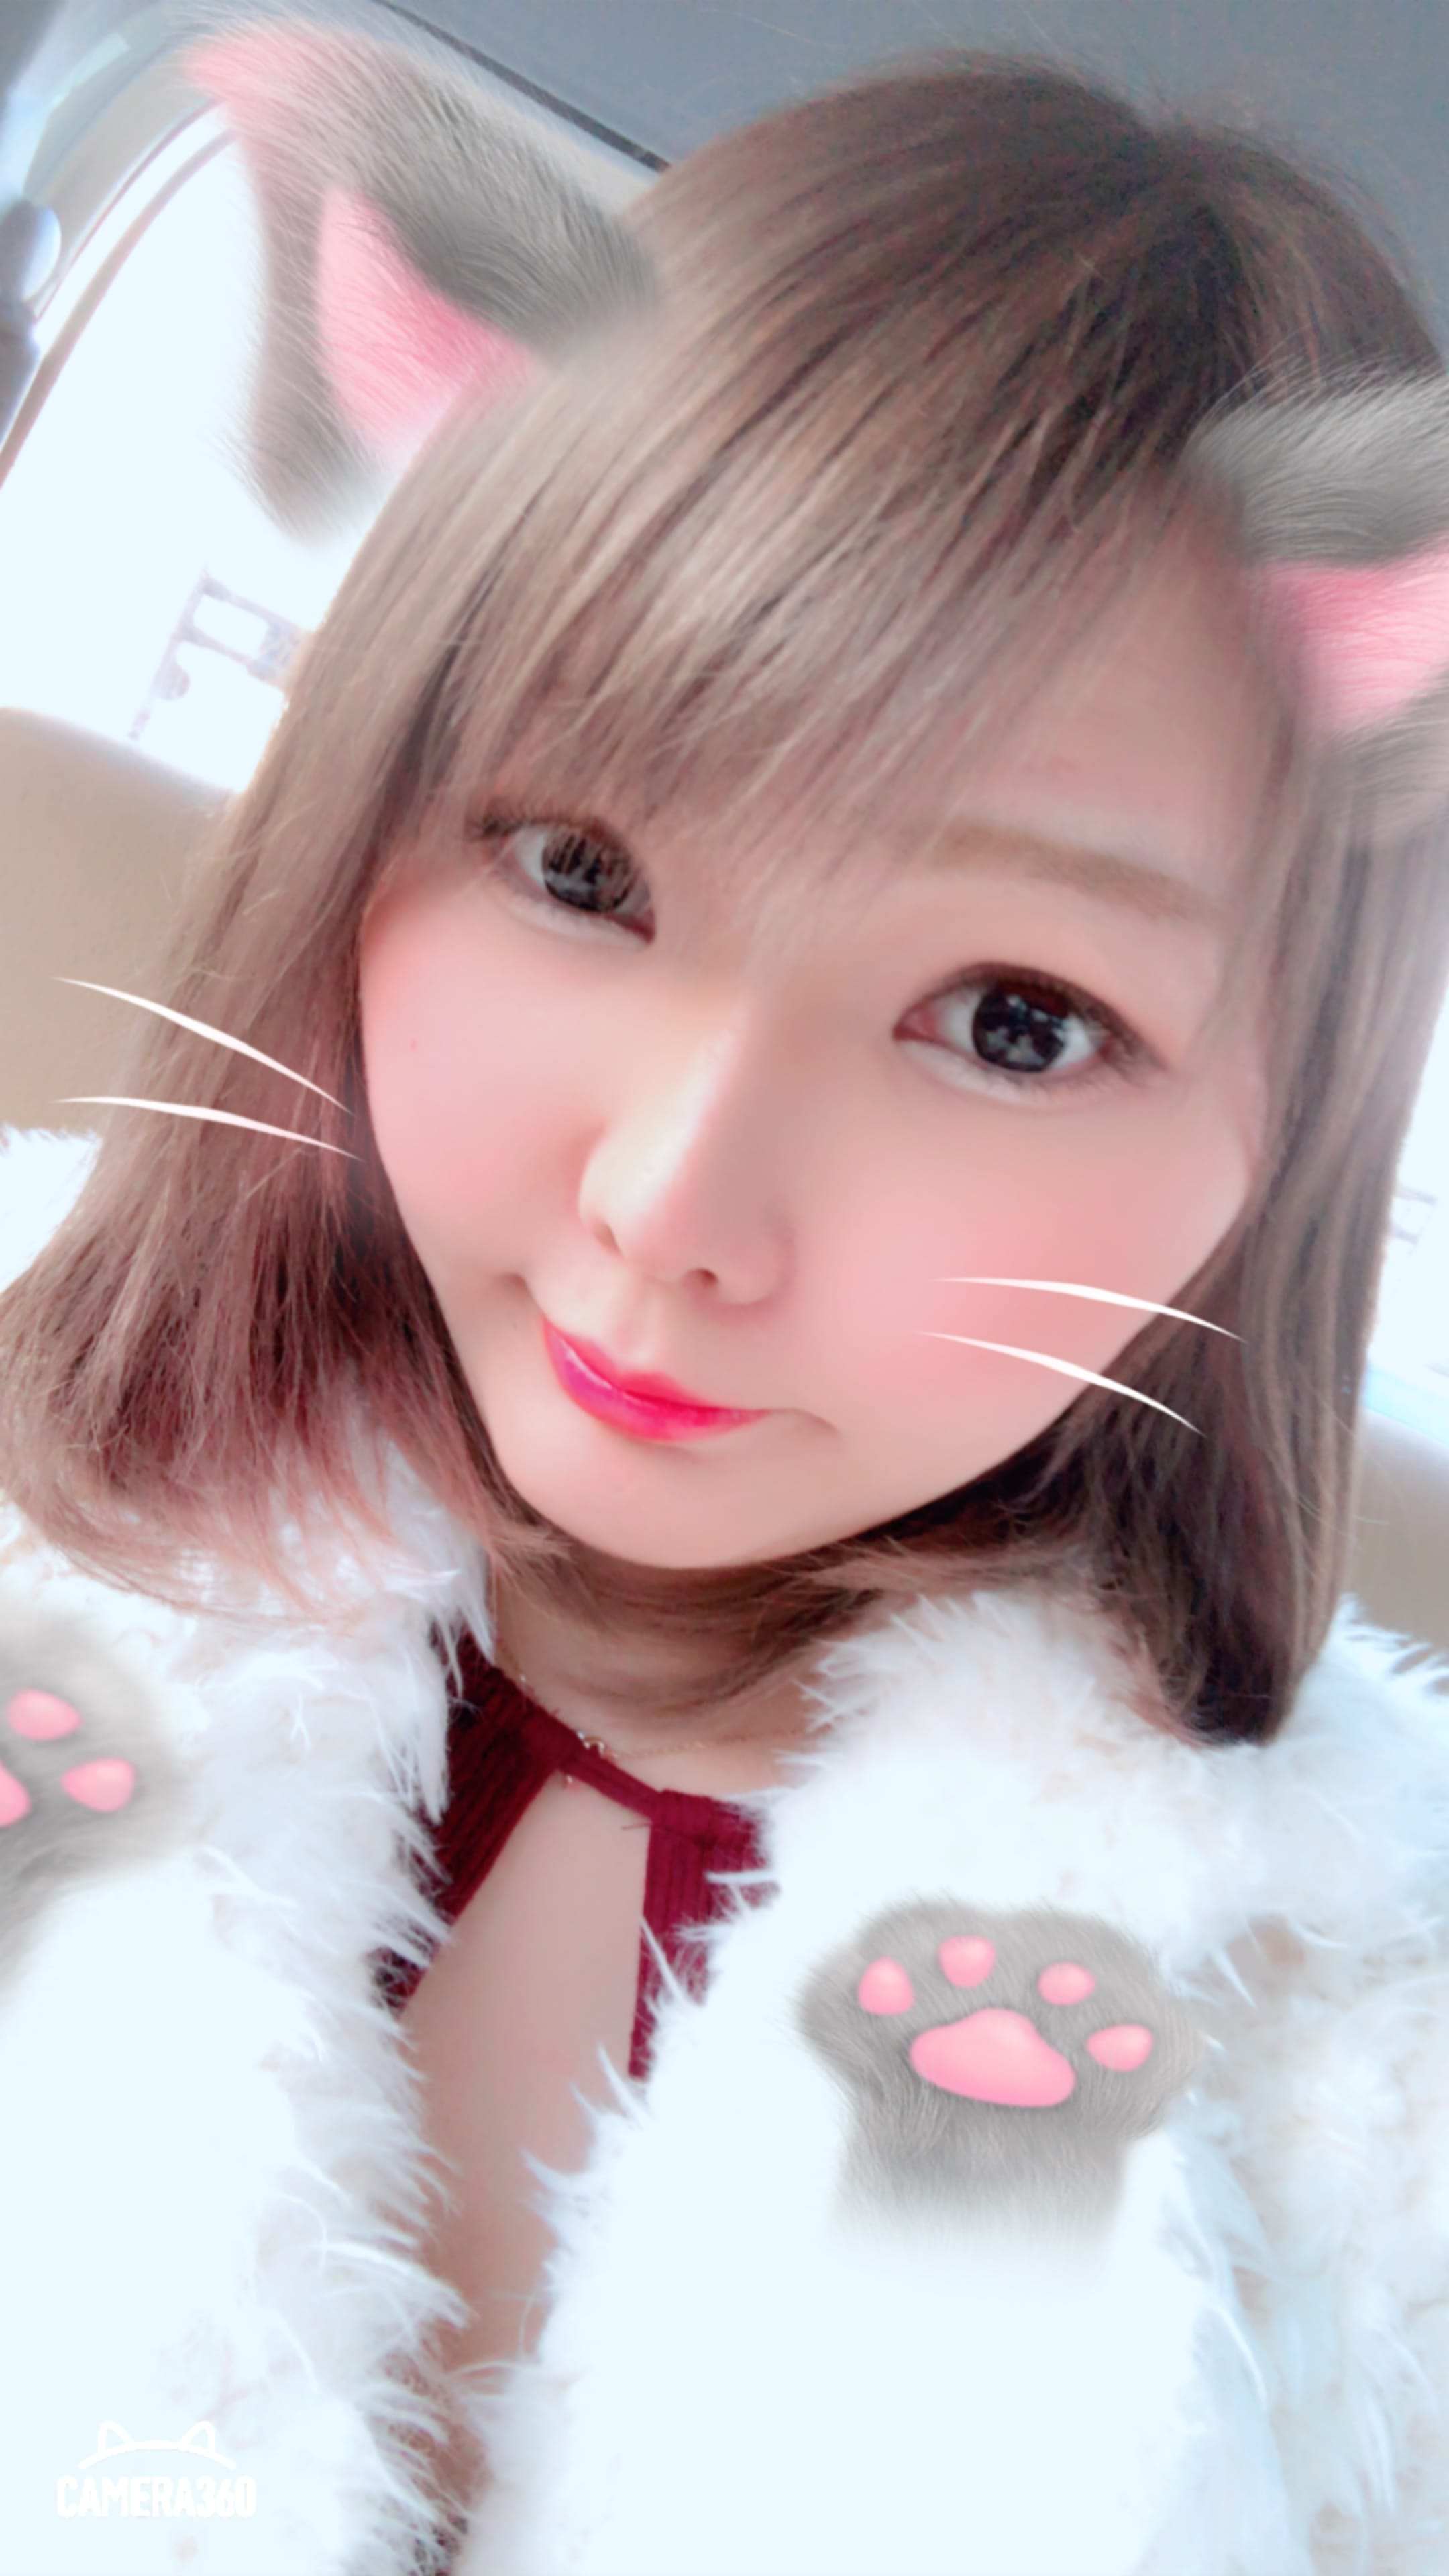 「昨日のお礼...yume」01/18(01/18) 17:22 | 増田ゆめの写メ・風俗動画